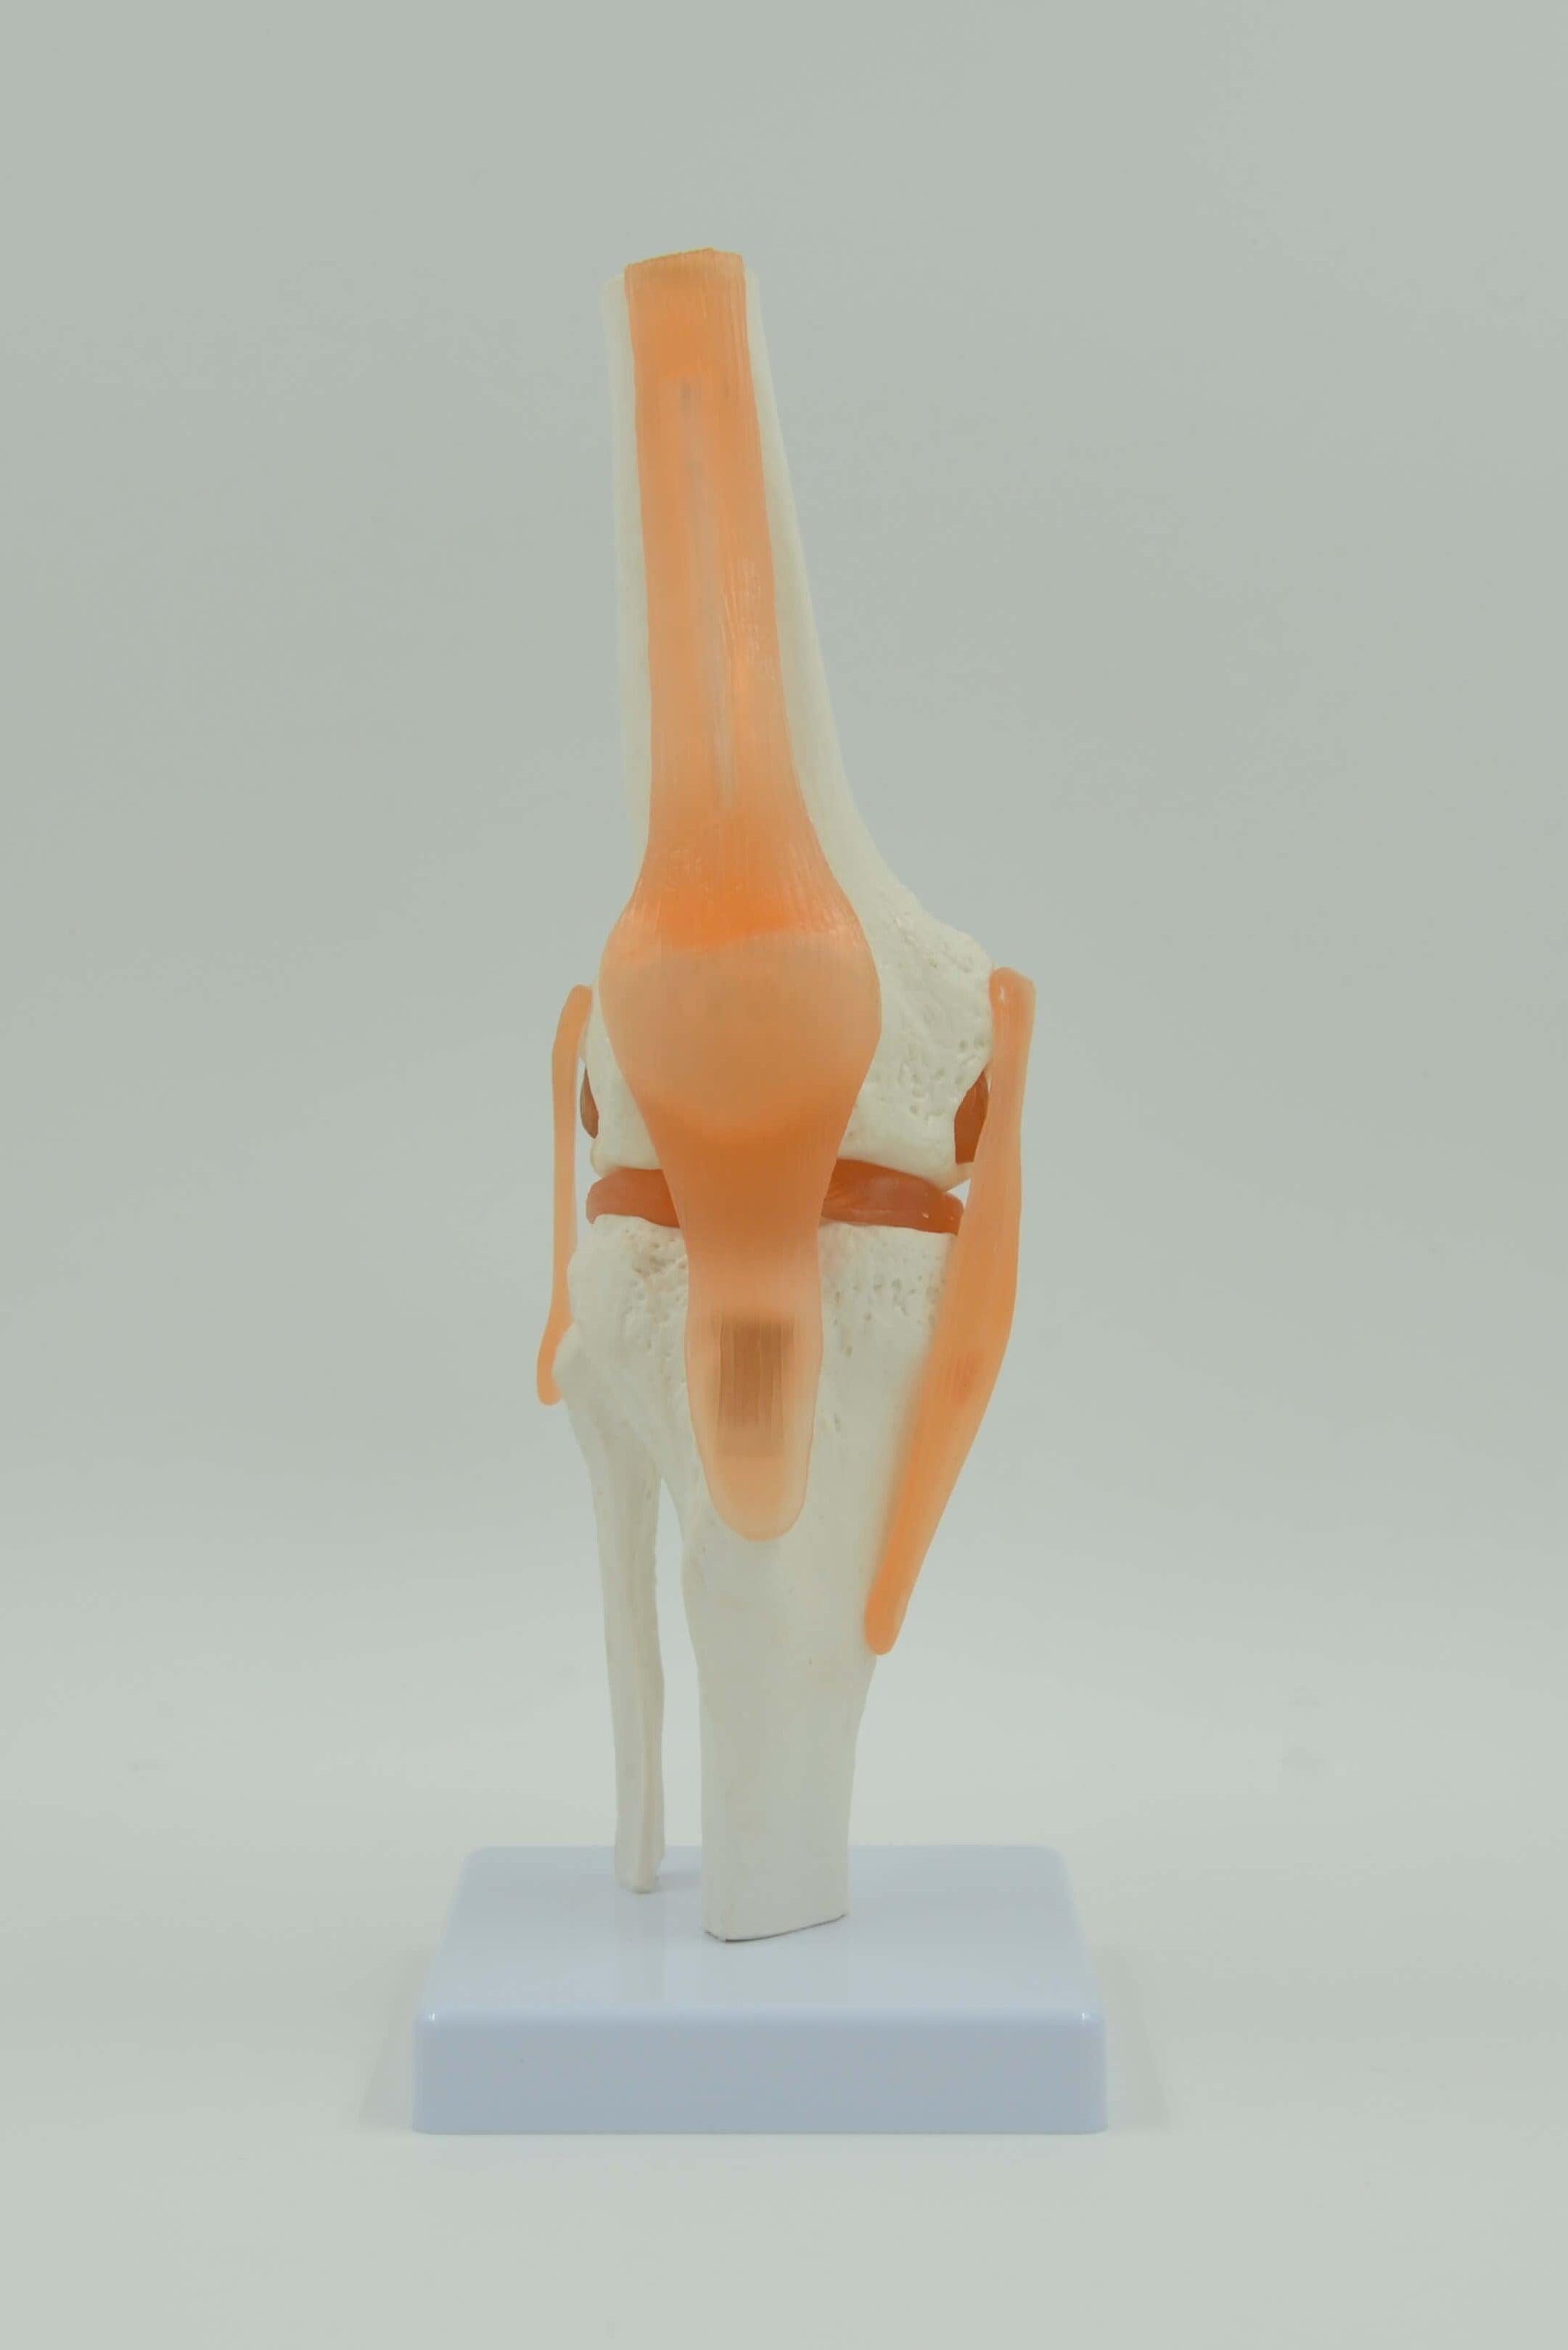 דגם אנטומי 202 - מפרק ברך עם רצועות